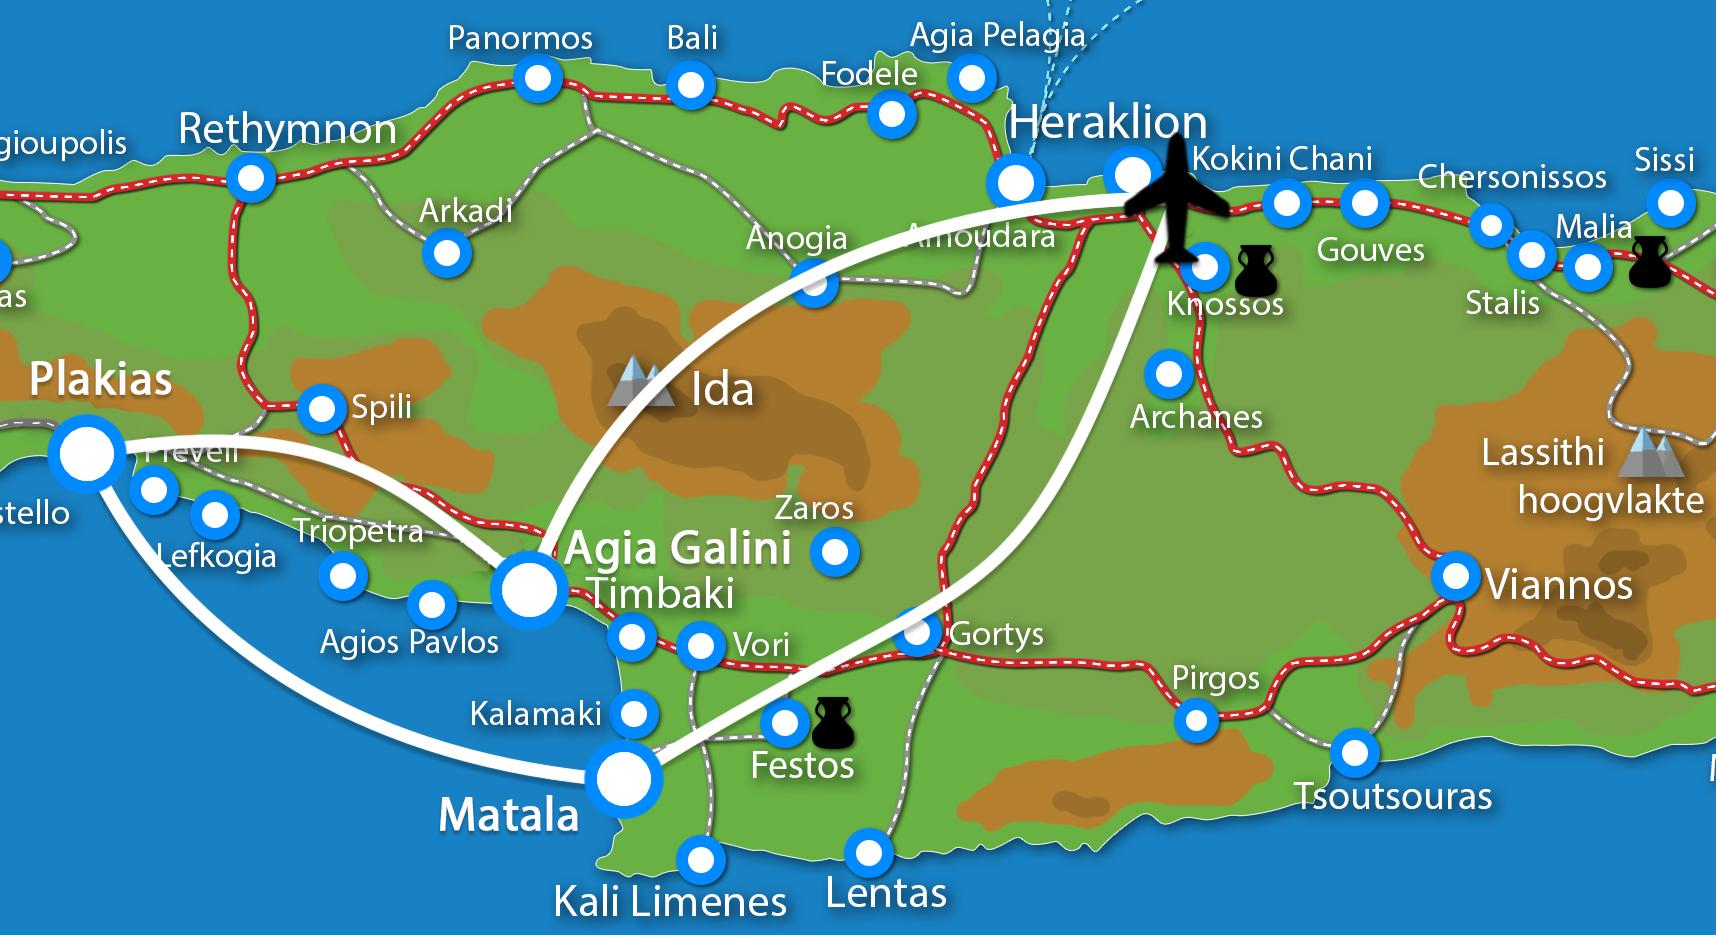 Waar ligt Fly & Drive  Agia Galini - Plakias  - Matala?